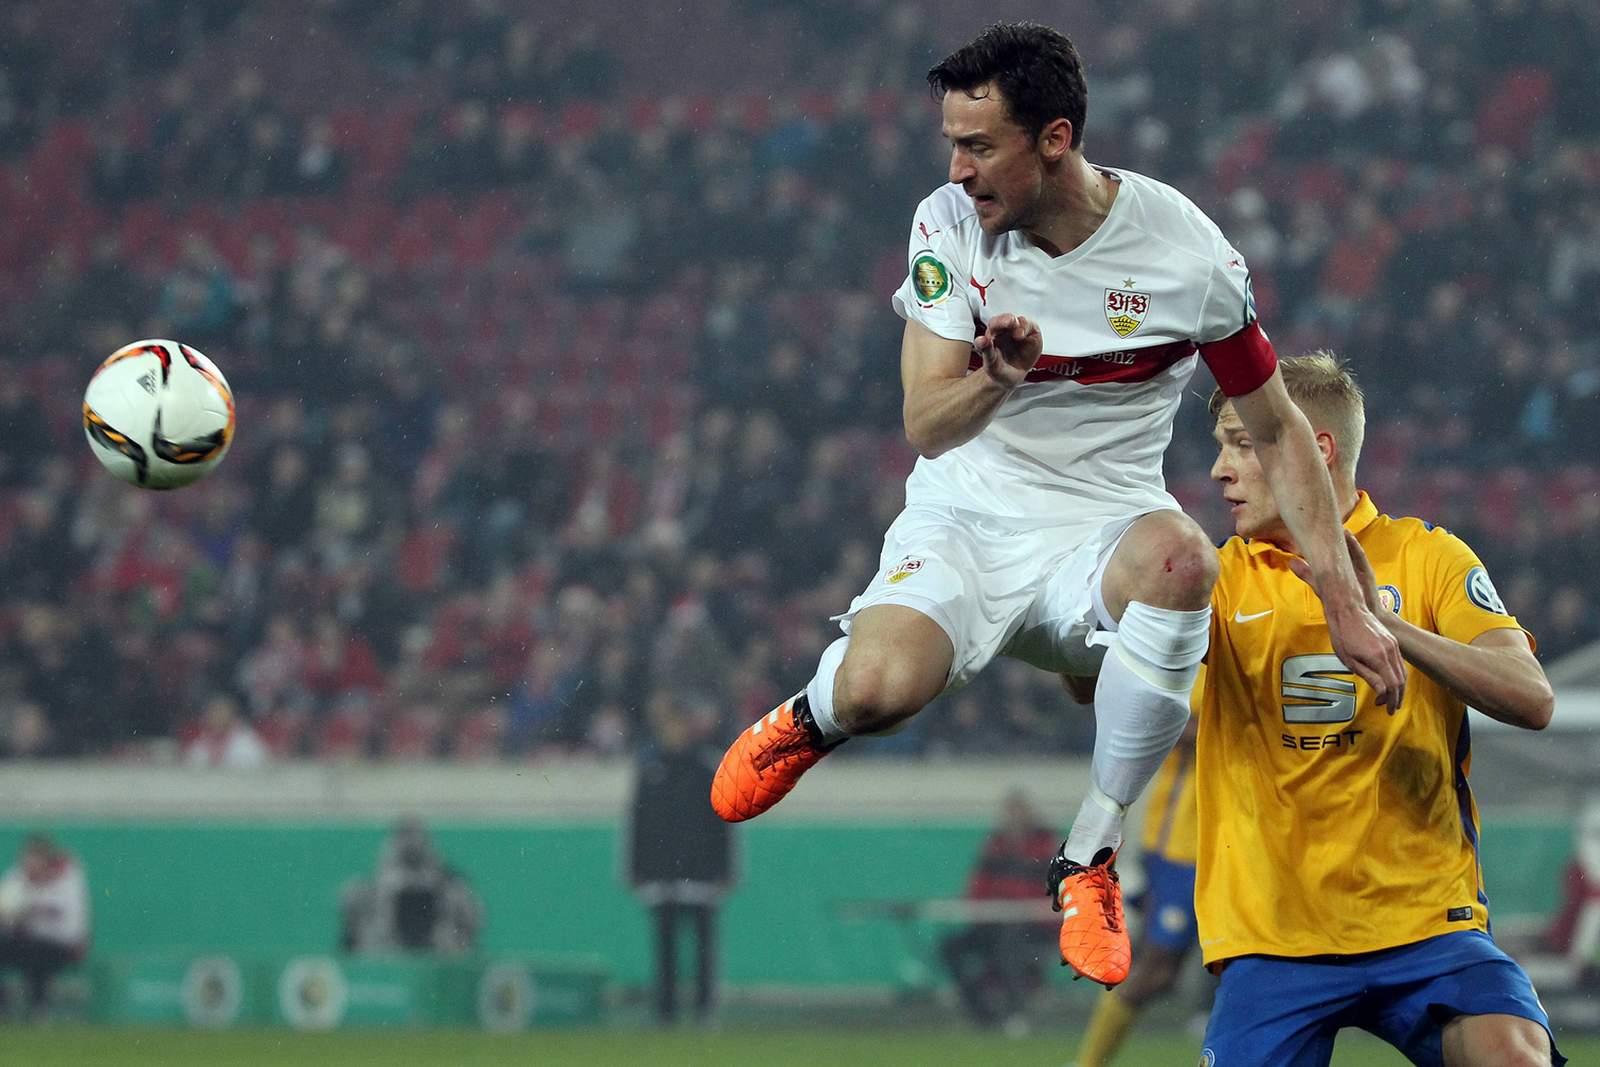 Setzt sich Gentner gegen Decarli durch? Unser Tipp: Stuttgart gewinnt gegen Braunschweig